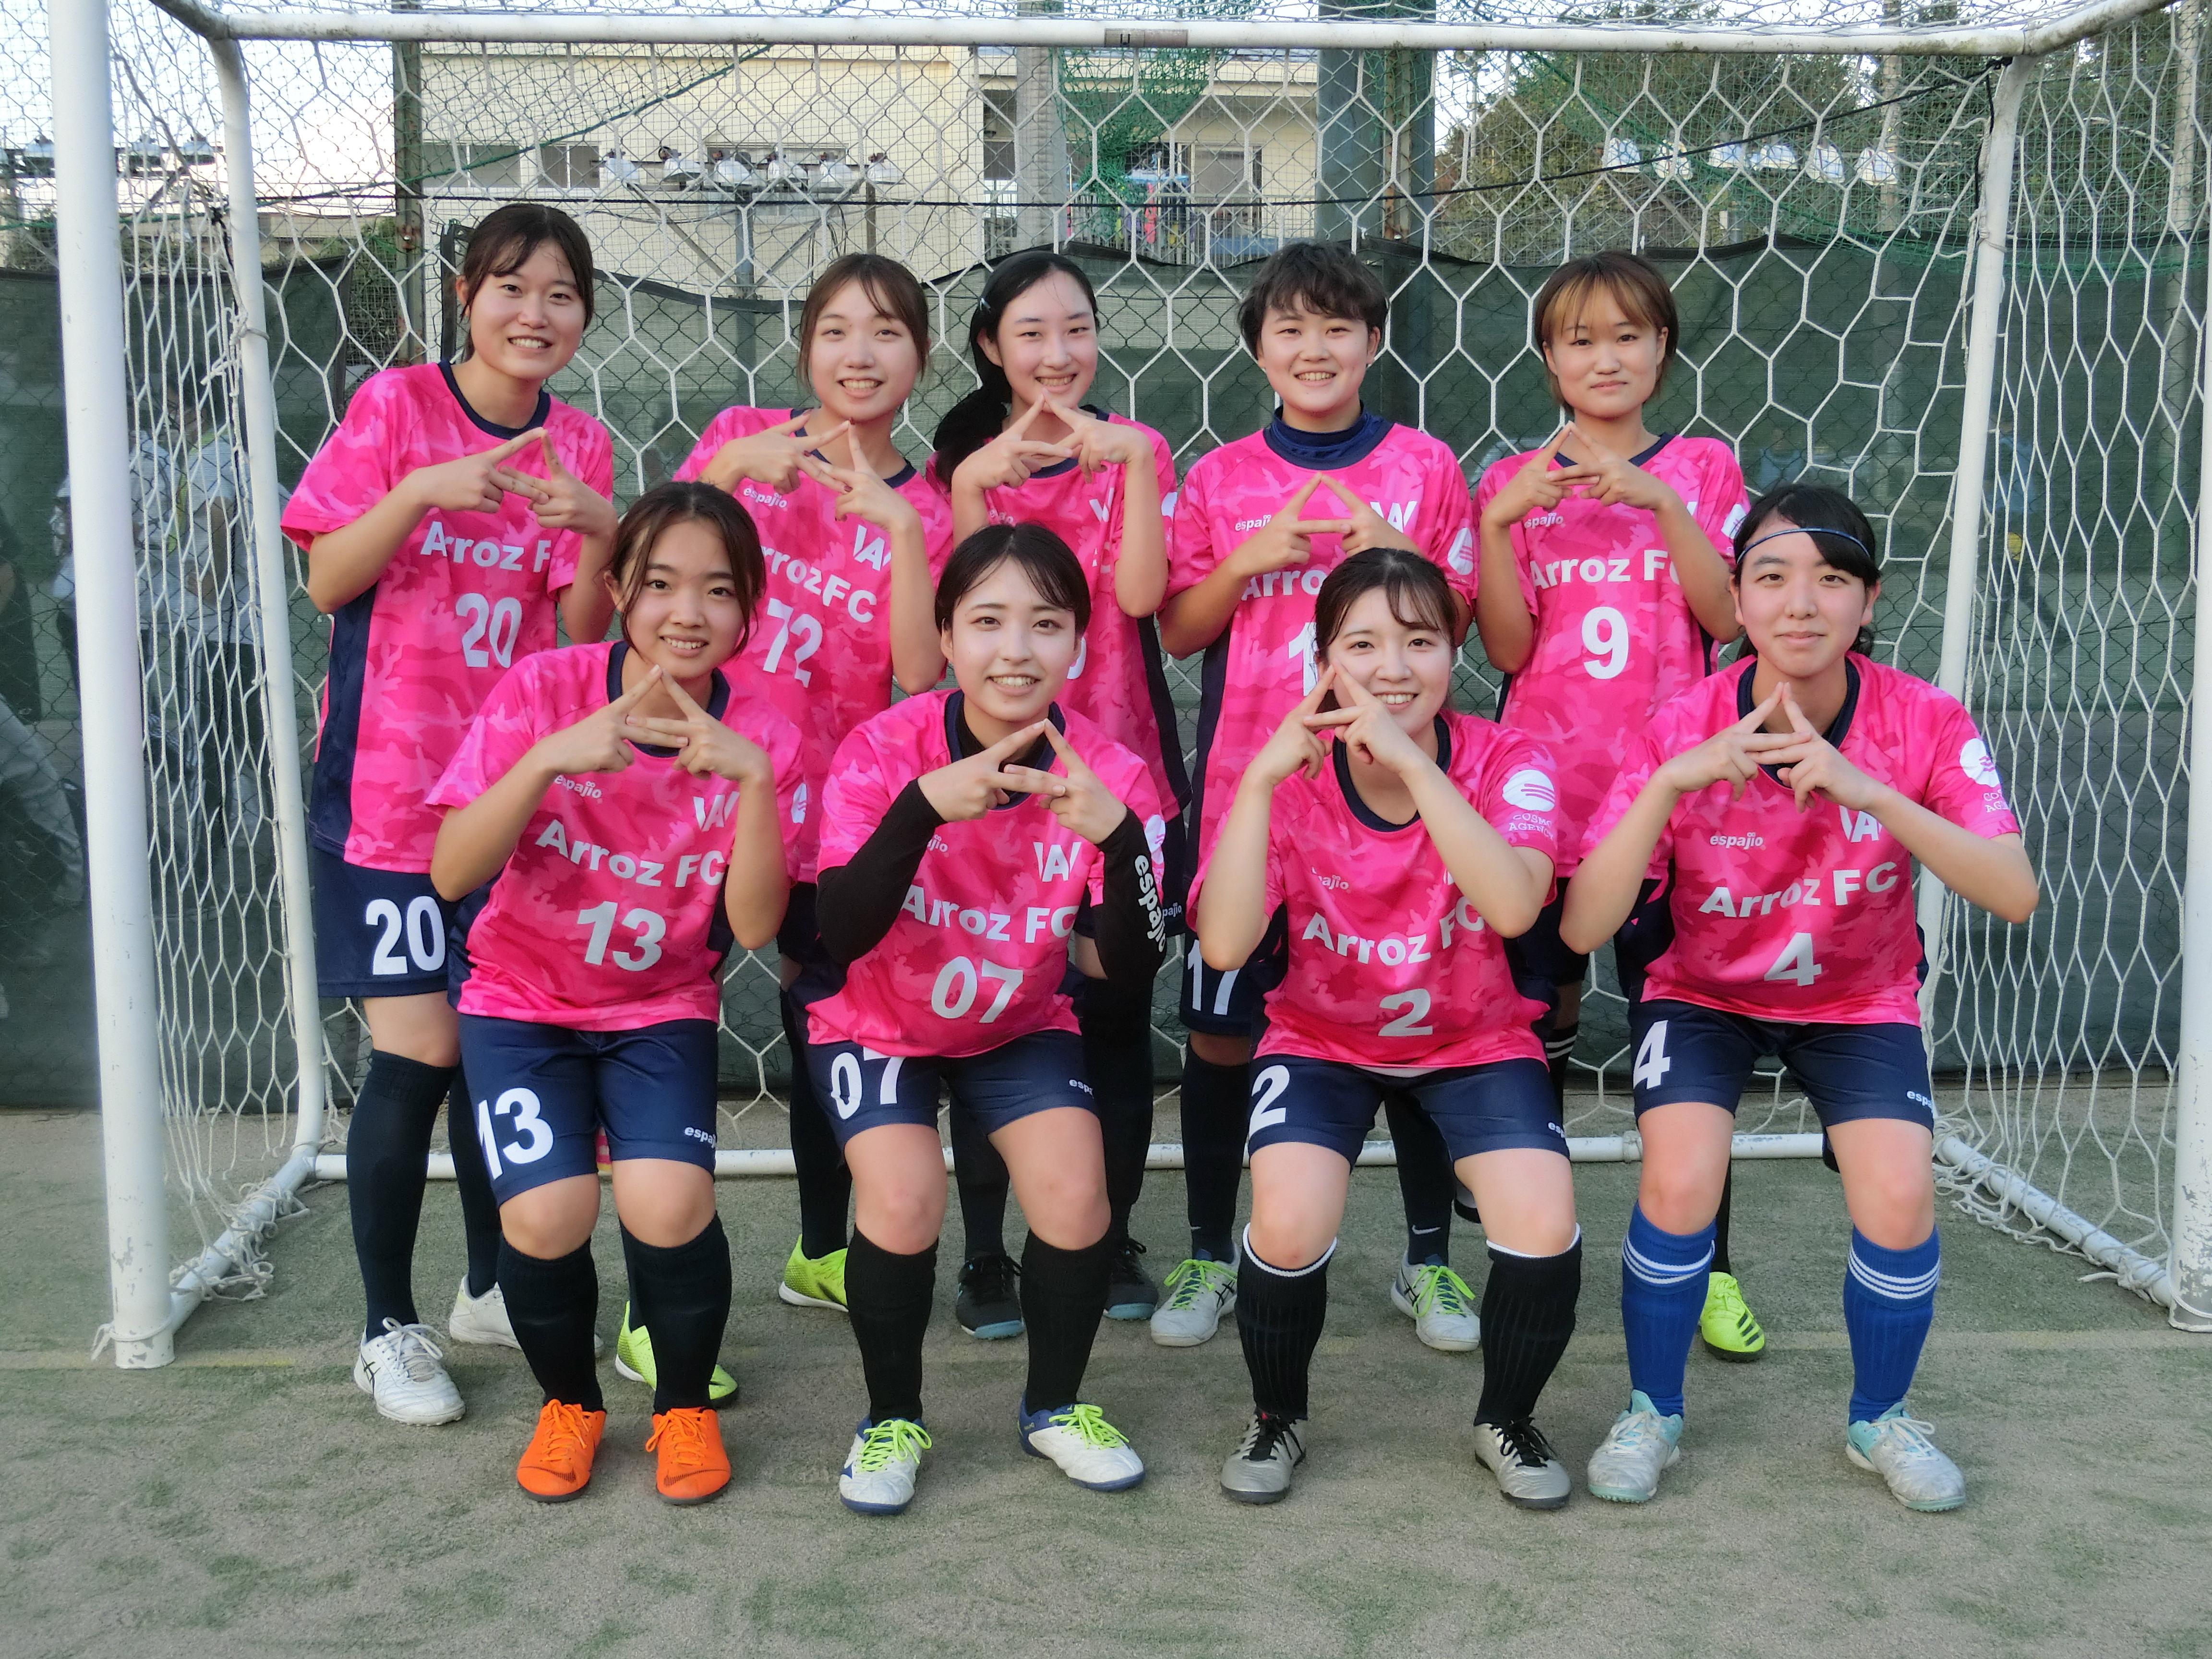 早稲田大学 Arroz F.C.